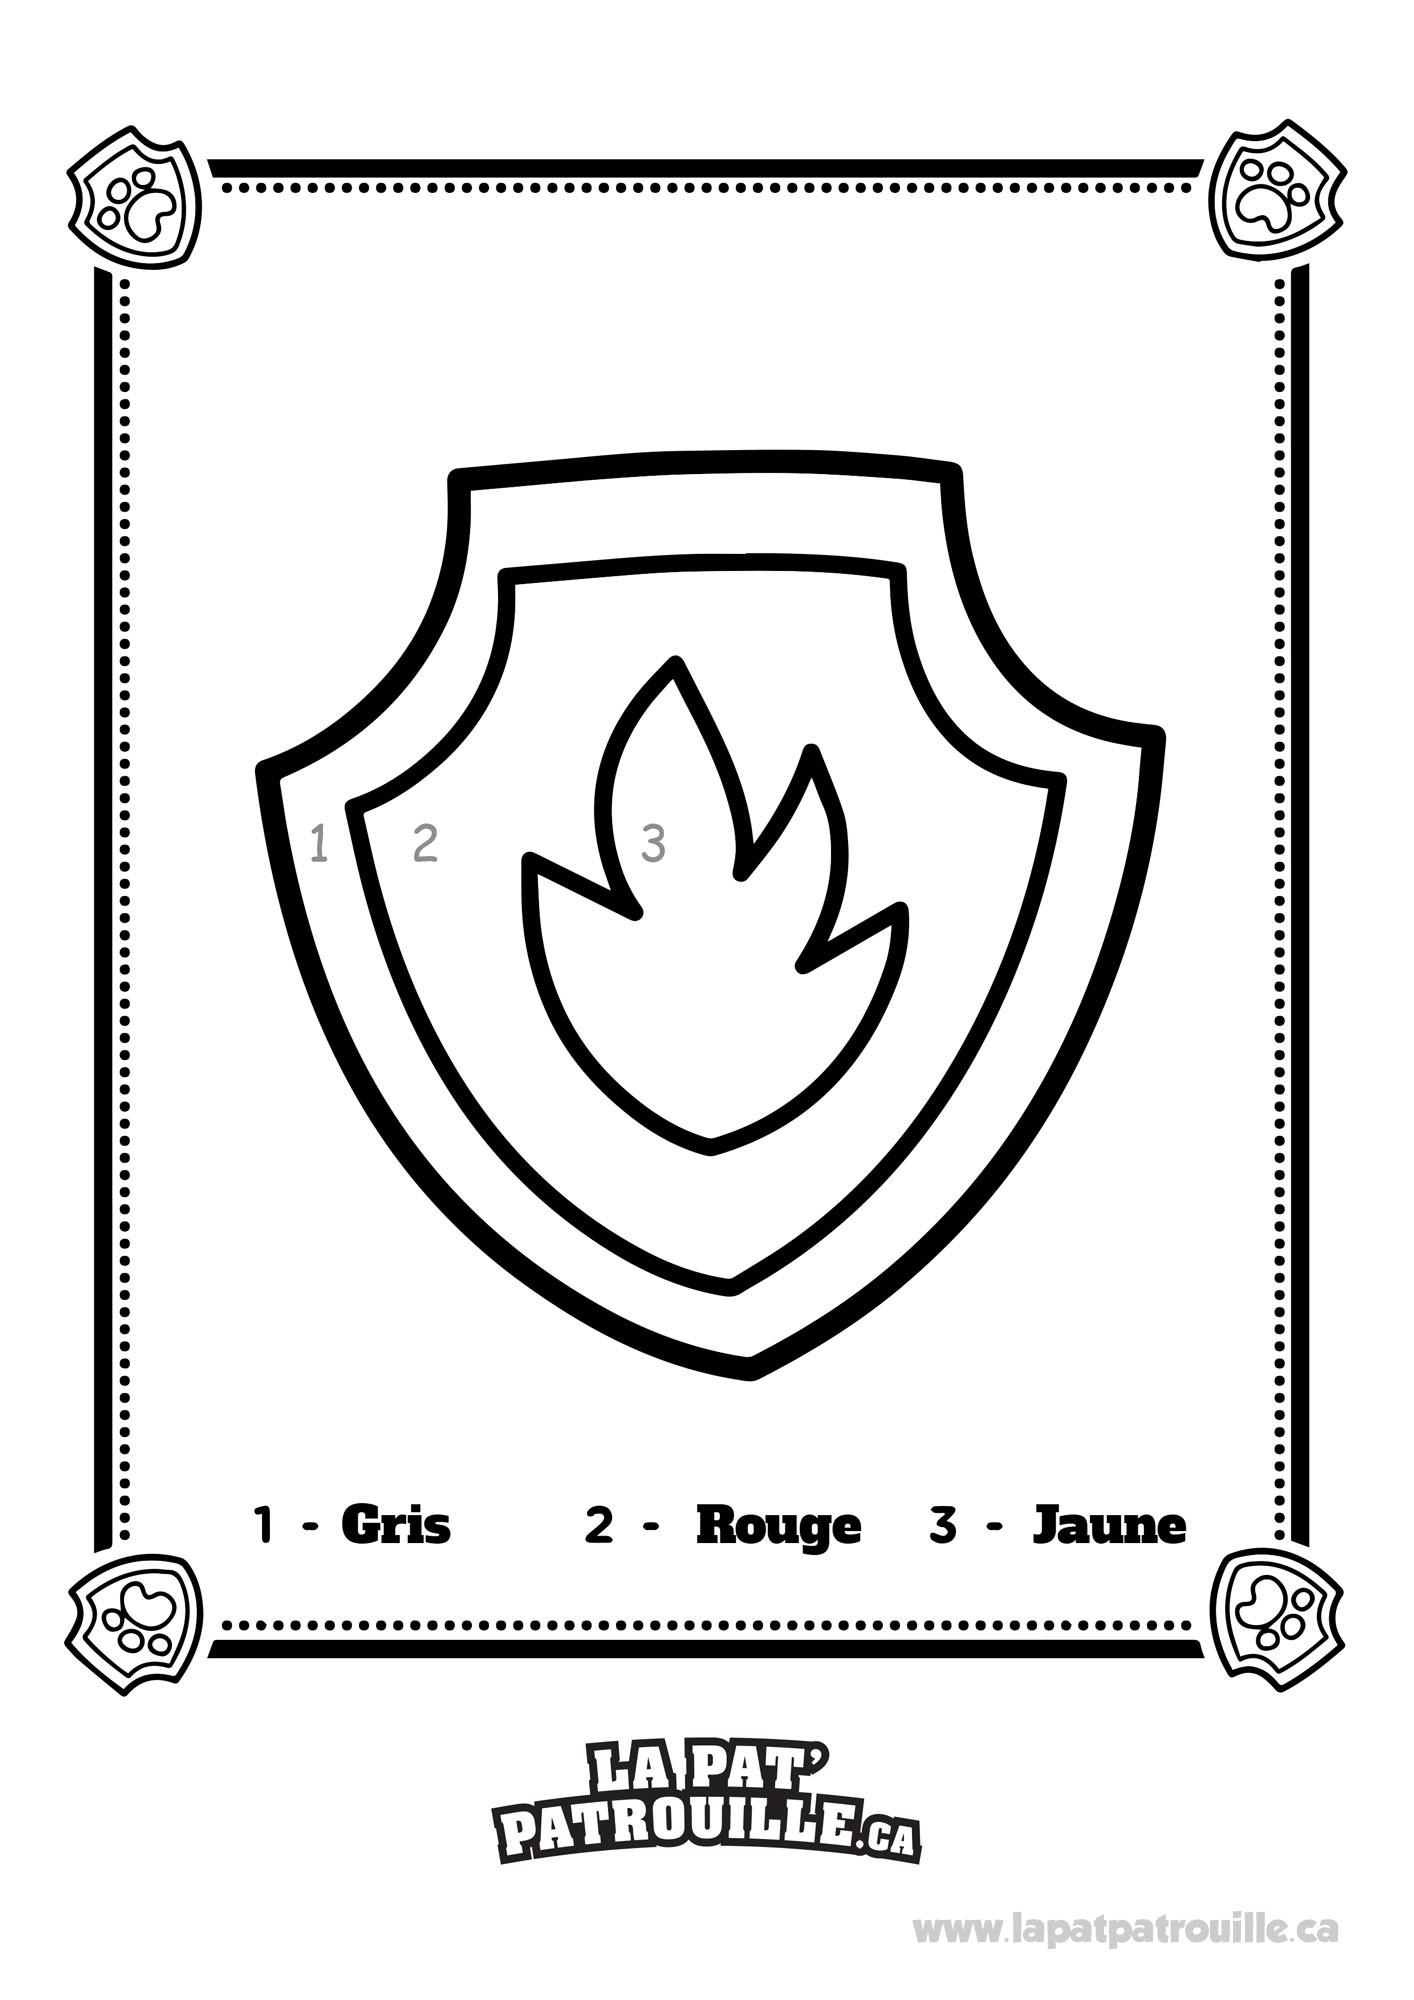 Coloriage Pat Patrouille Badge.Coloriage De Pat Patrouille La Badge A Marcus La Pat Patrouille